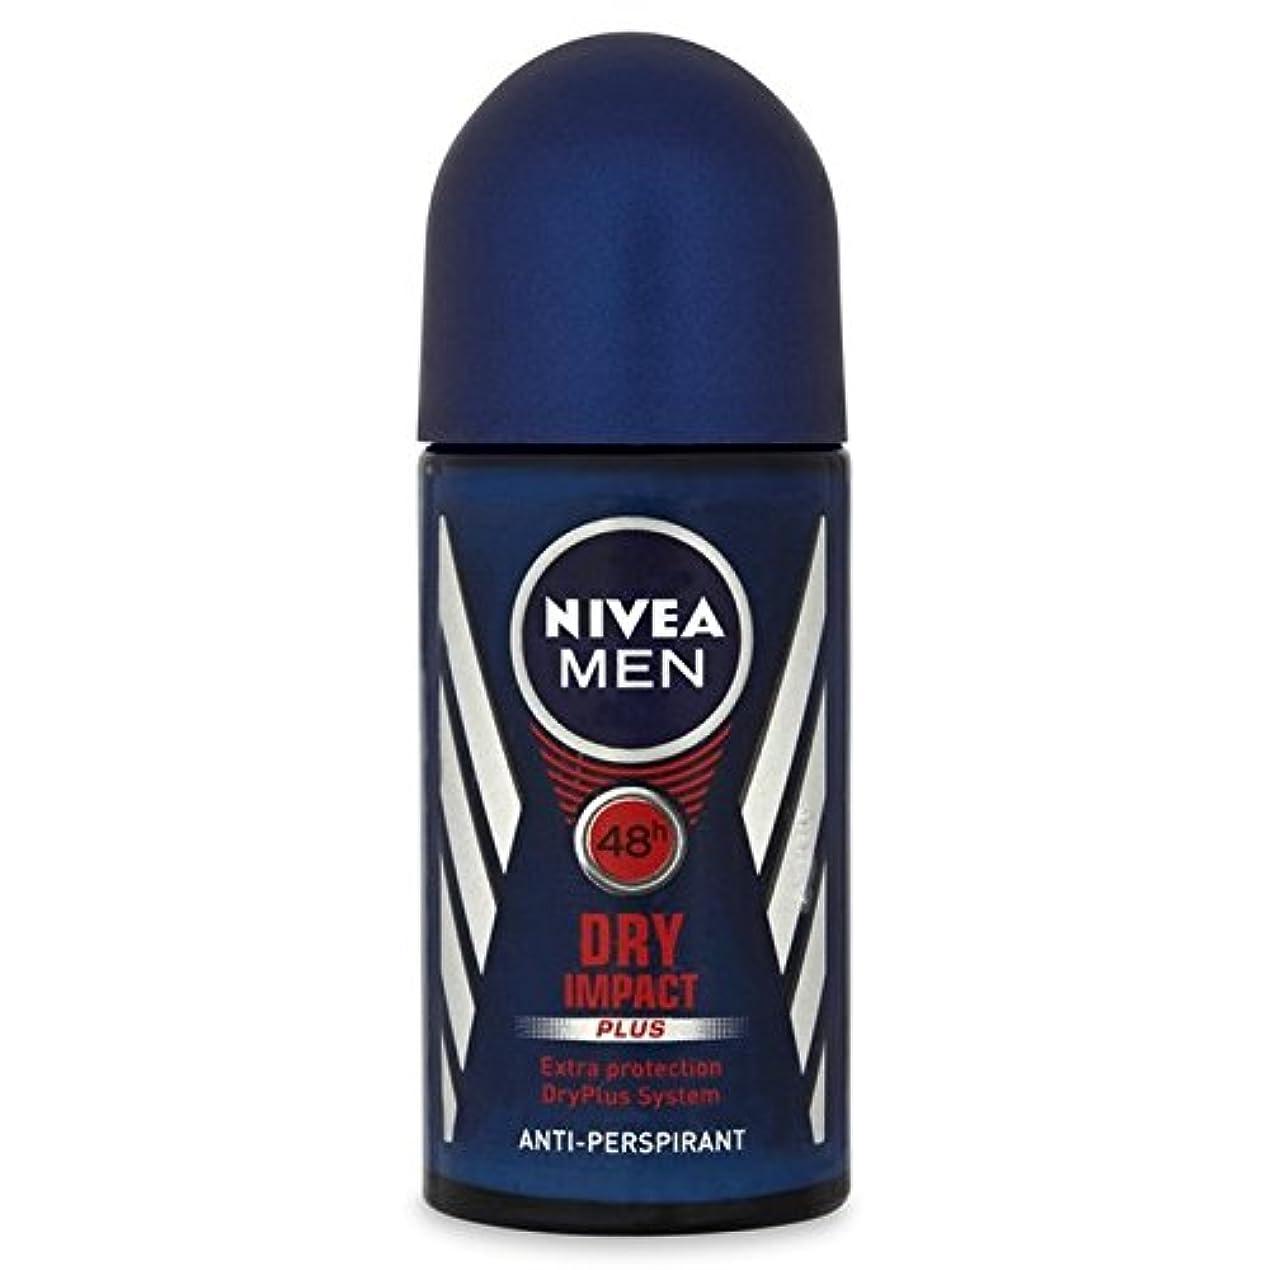 柱たとえレッスン制汗デオドラント50ミリリットルのニベア男性の目に見えない影響ロール x4 - Nivea Men Invisible Impact Roll On Anti-Perspirant Deodorant 50ml (Pack...